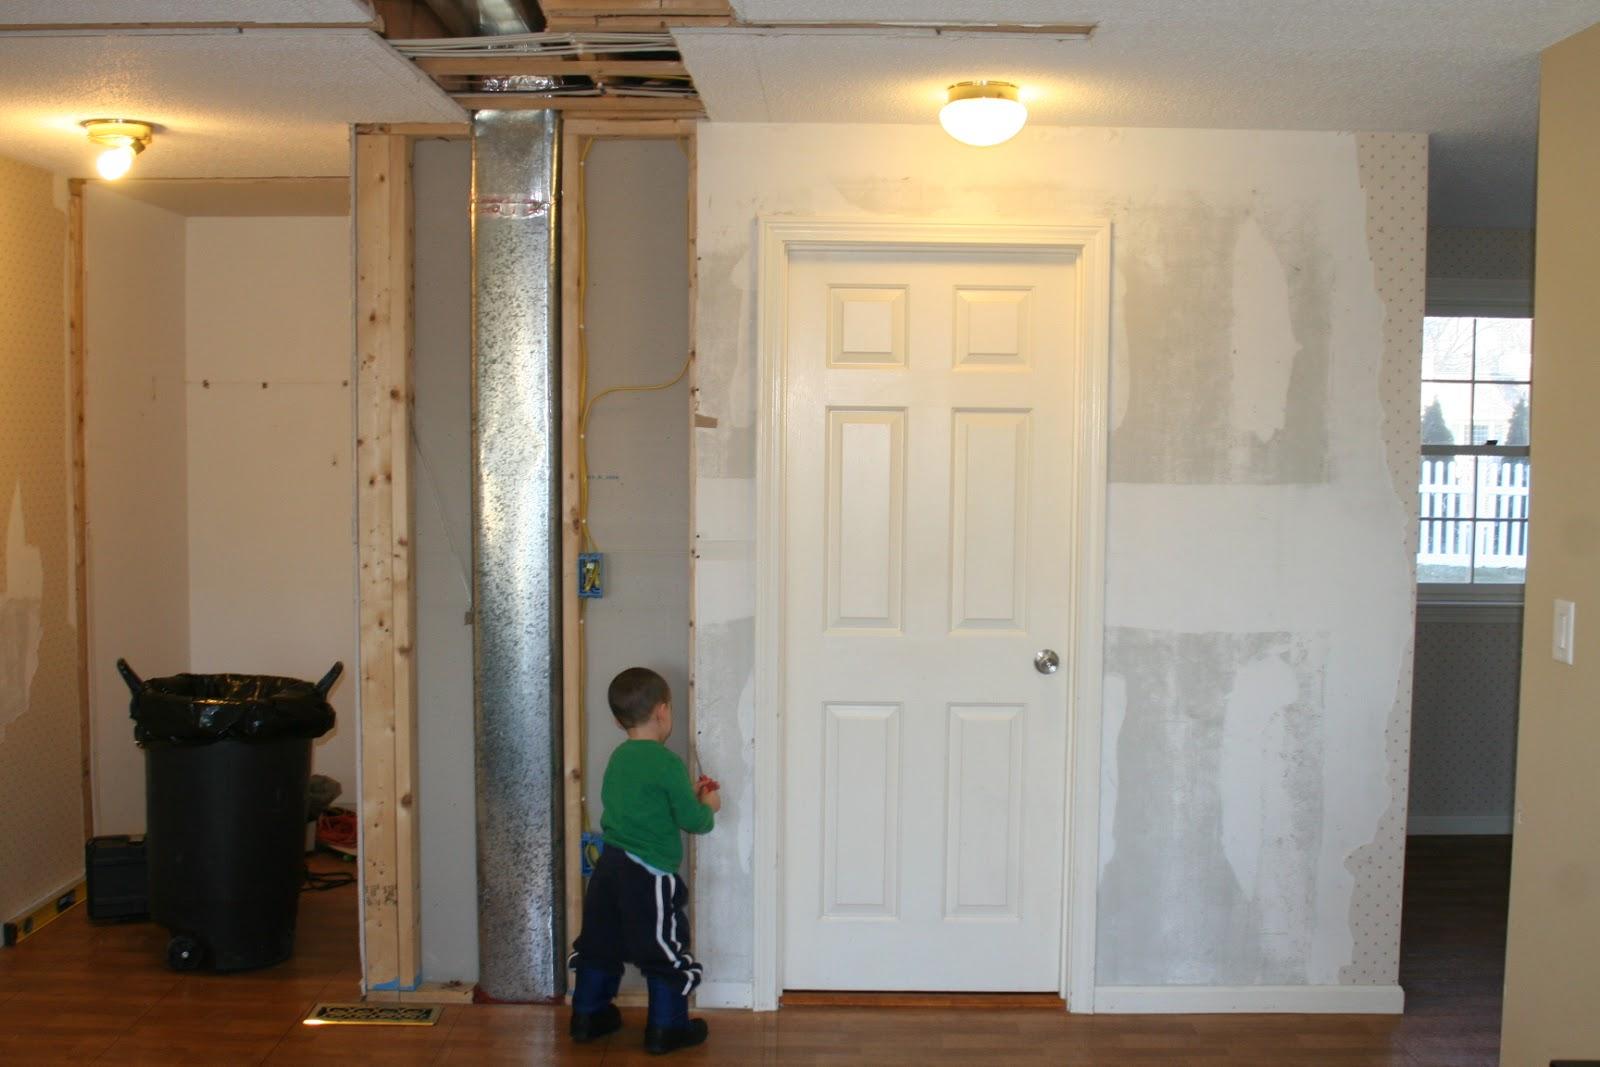 Pocket door fail. & Our House: Pocket door fail...